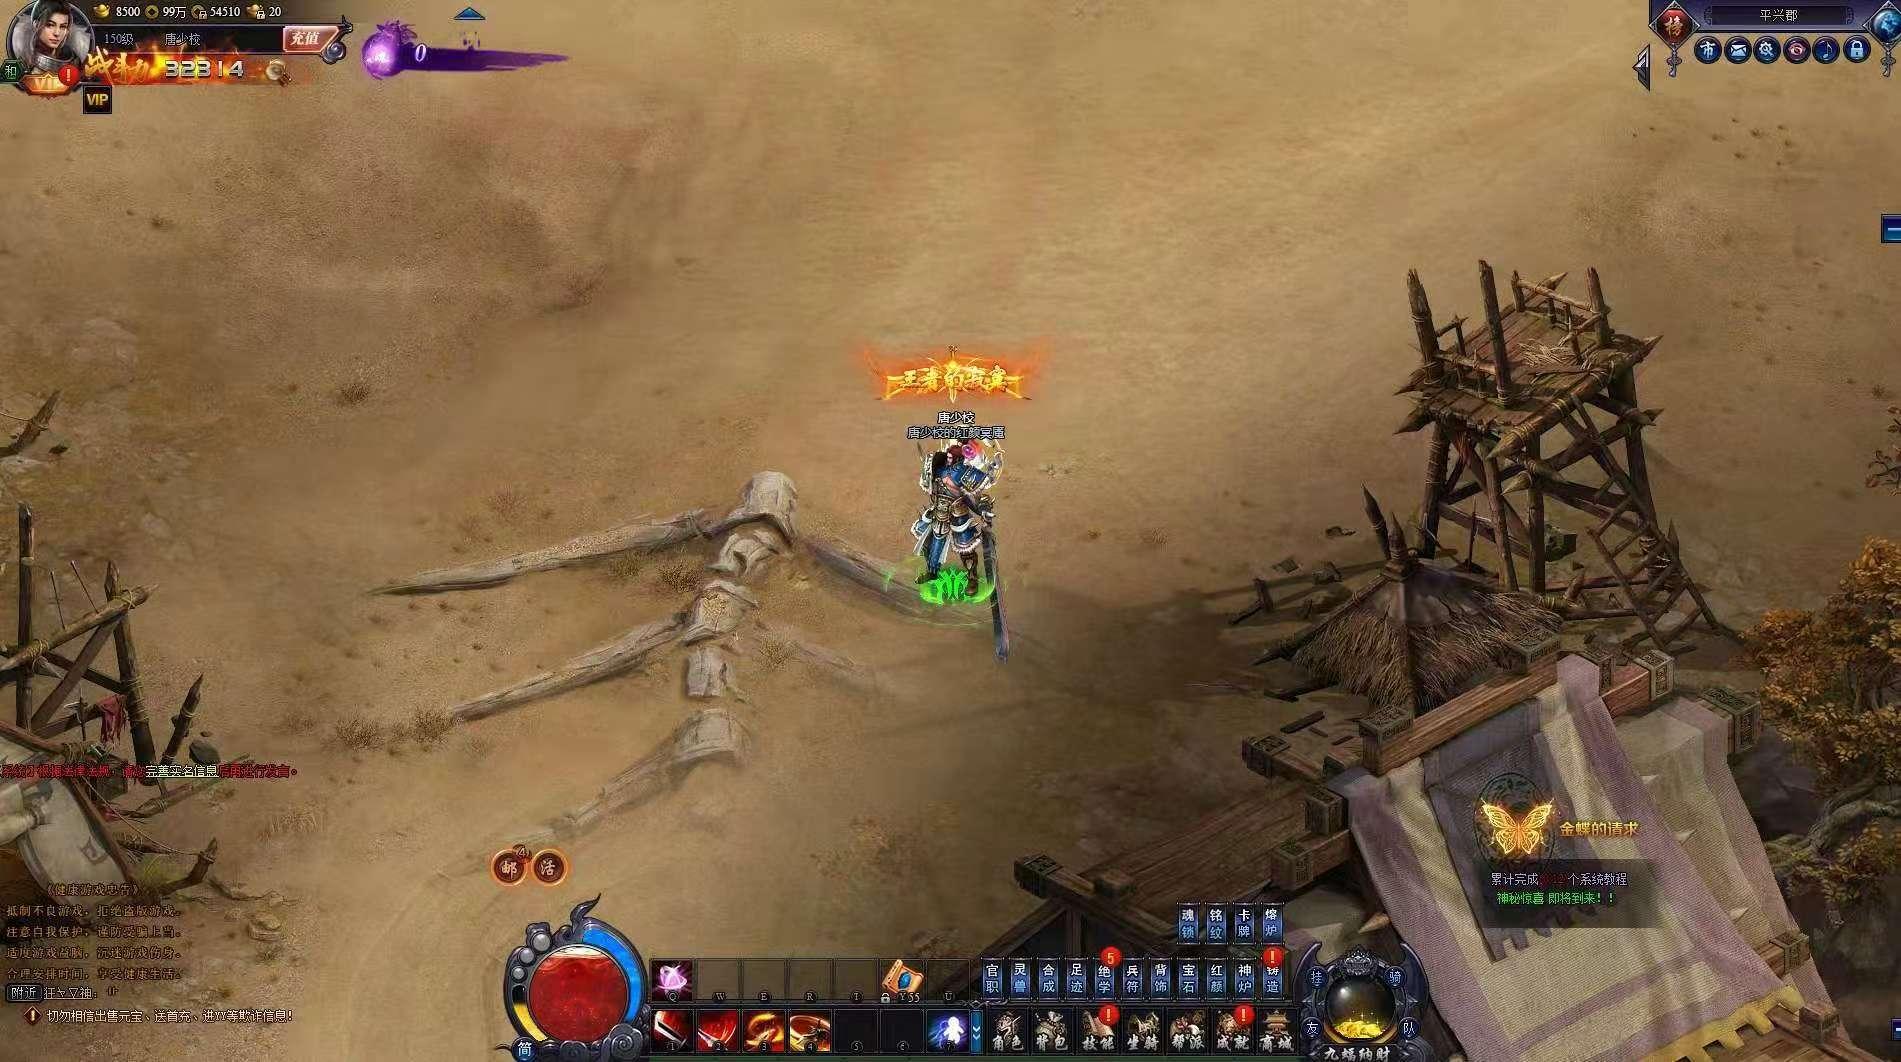 《御剑武林》游戏截图